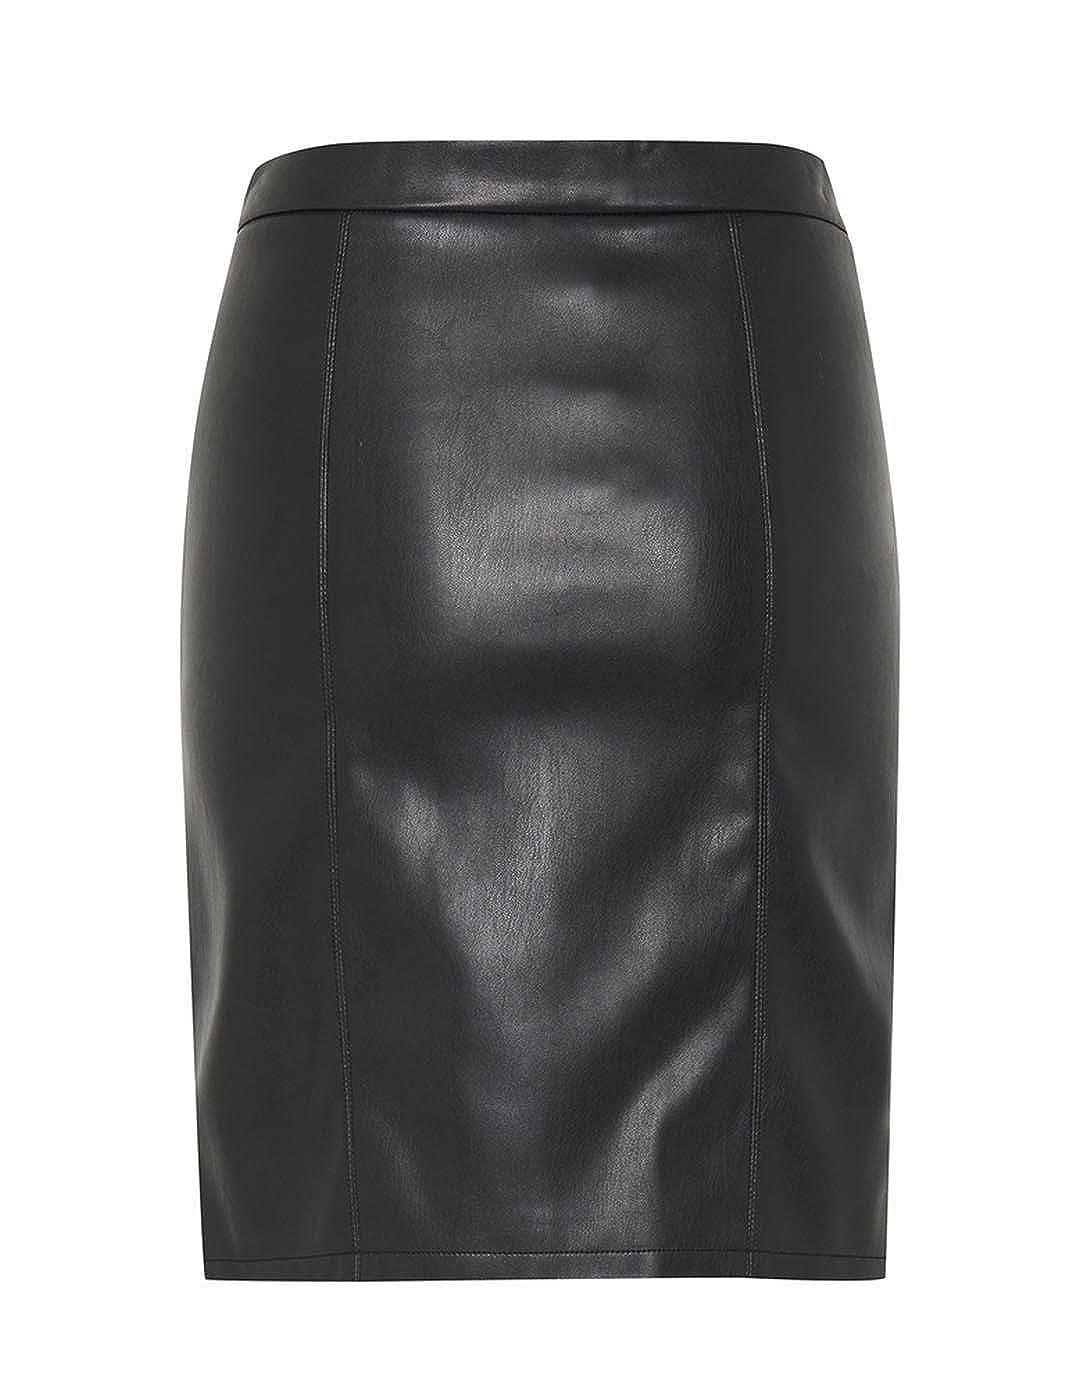 BlendShe Falda Polipiel Puz Negro XL: Amazon.es: Ropa y accesorios